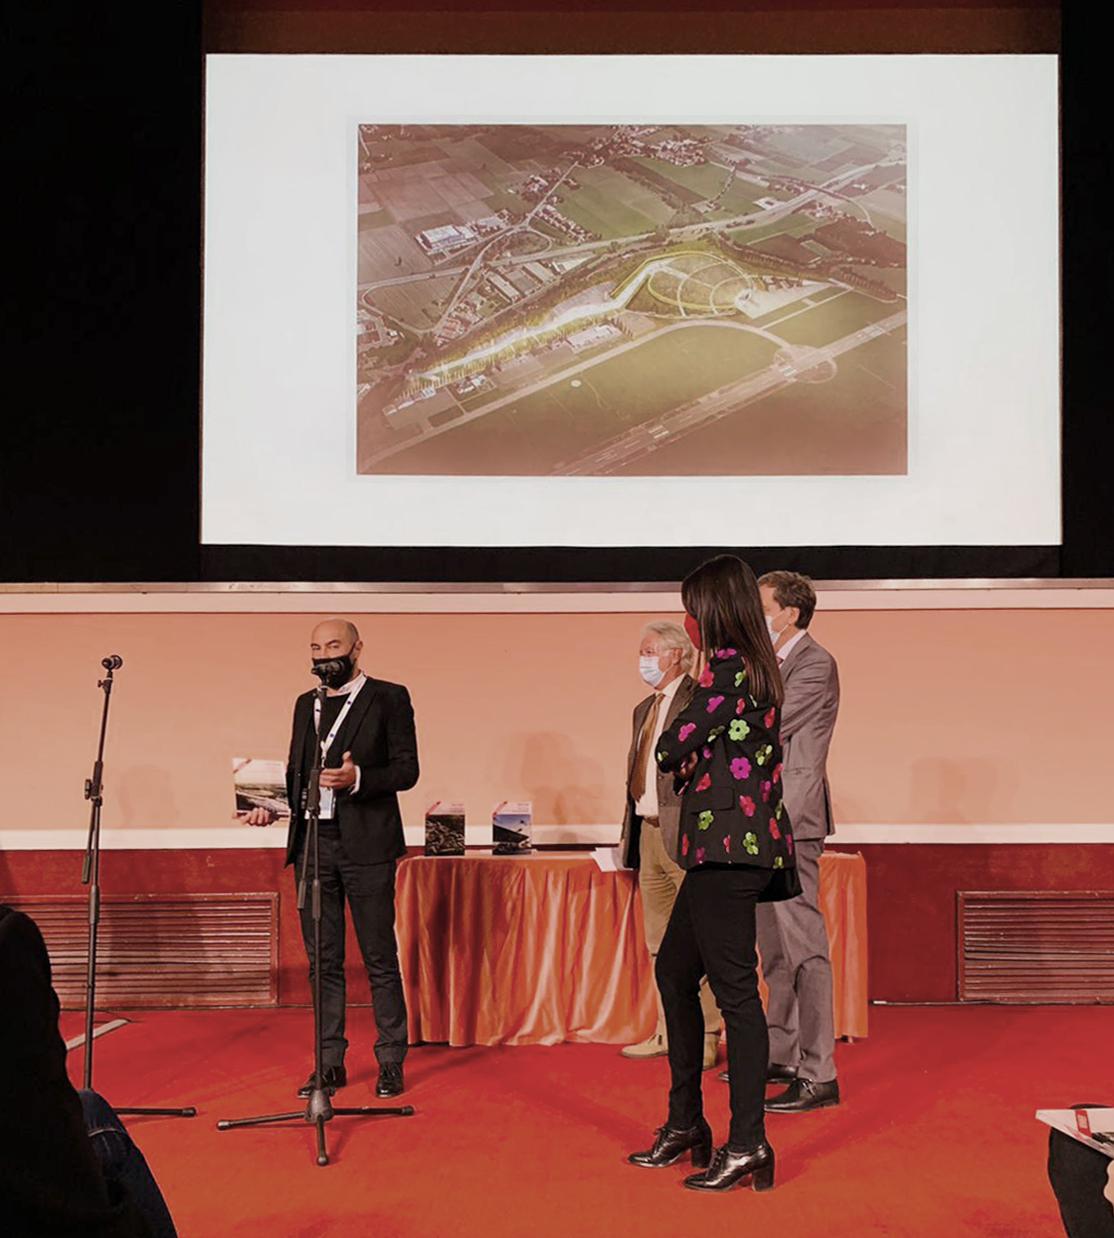 La futura Arena Eventi di Reggio Emilia vince il primo premio The Plan Award 2020